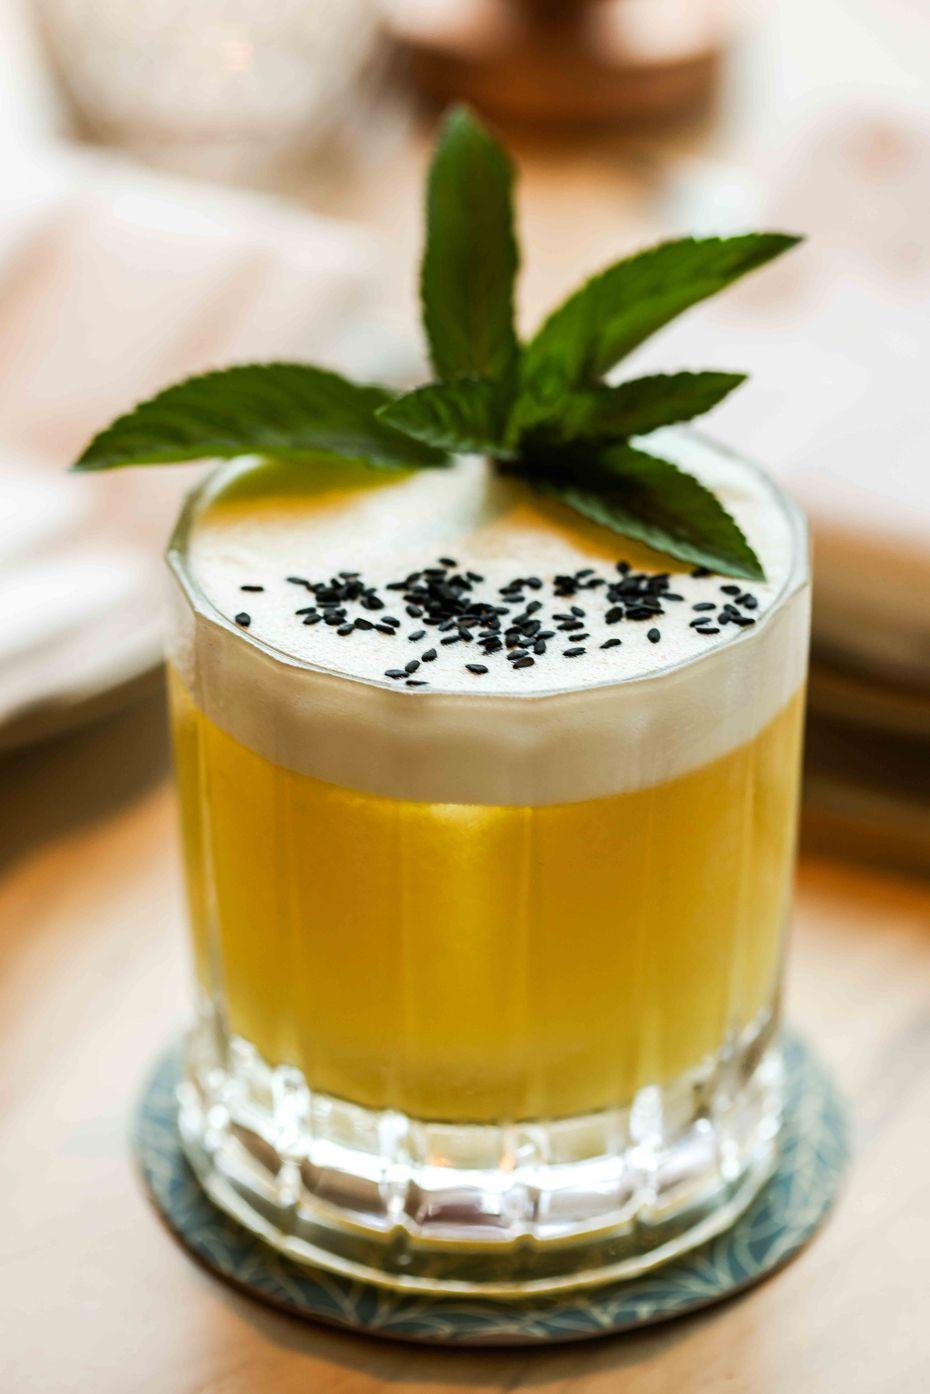 Esse coquetel se chama (Sem título, 1962) e leva o nome de uma canção de um músico brasileiro.  É um cocktail gin misturado com amaro, mamão, lima e clara de ovo.